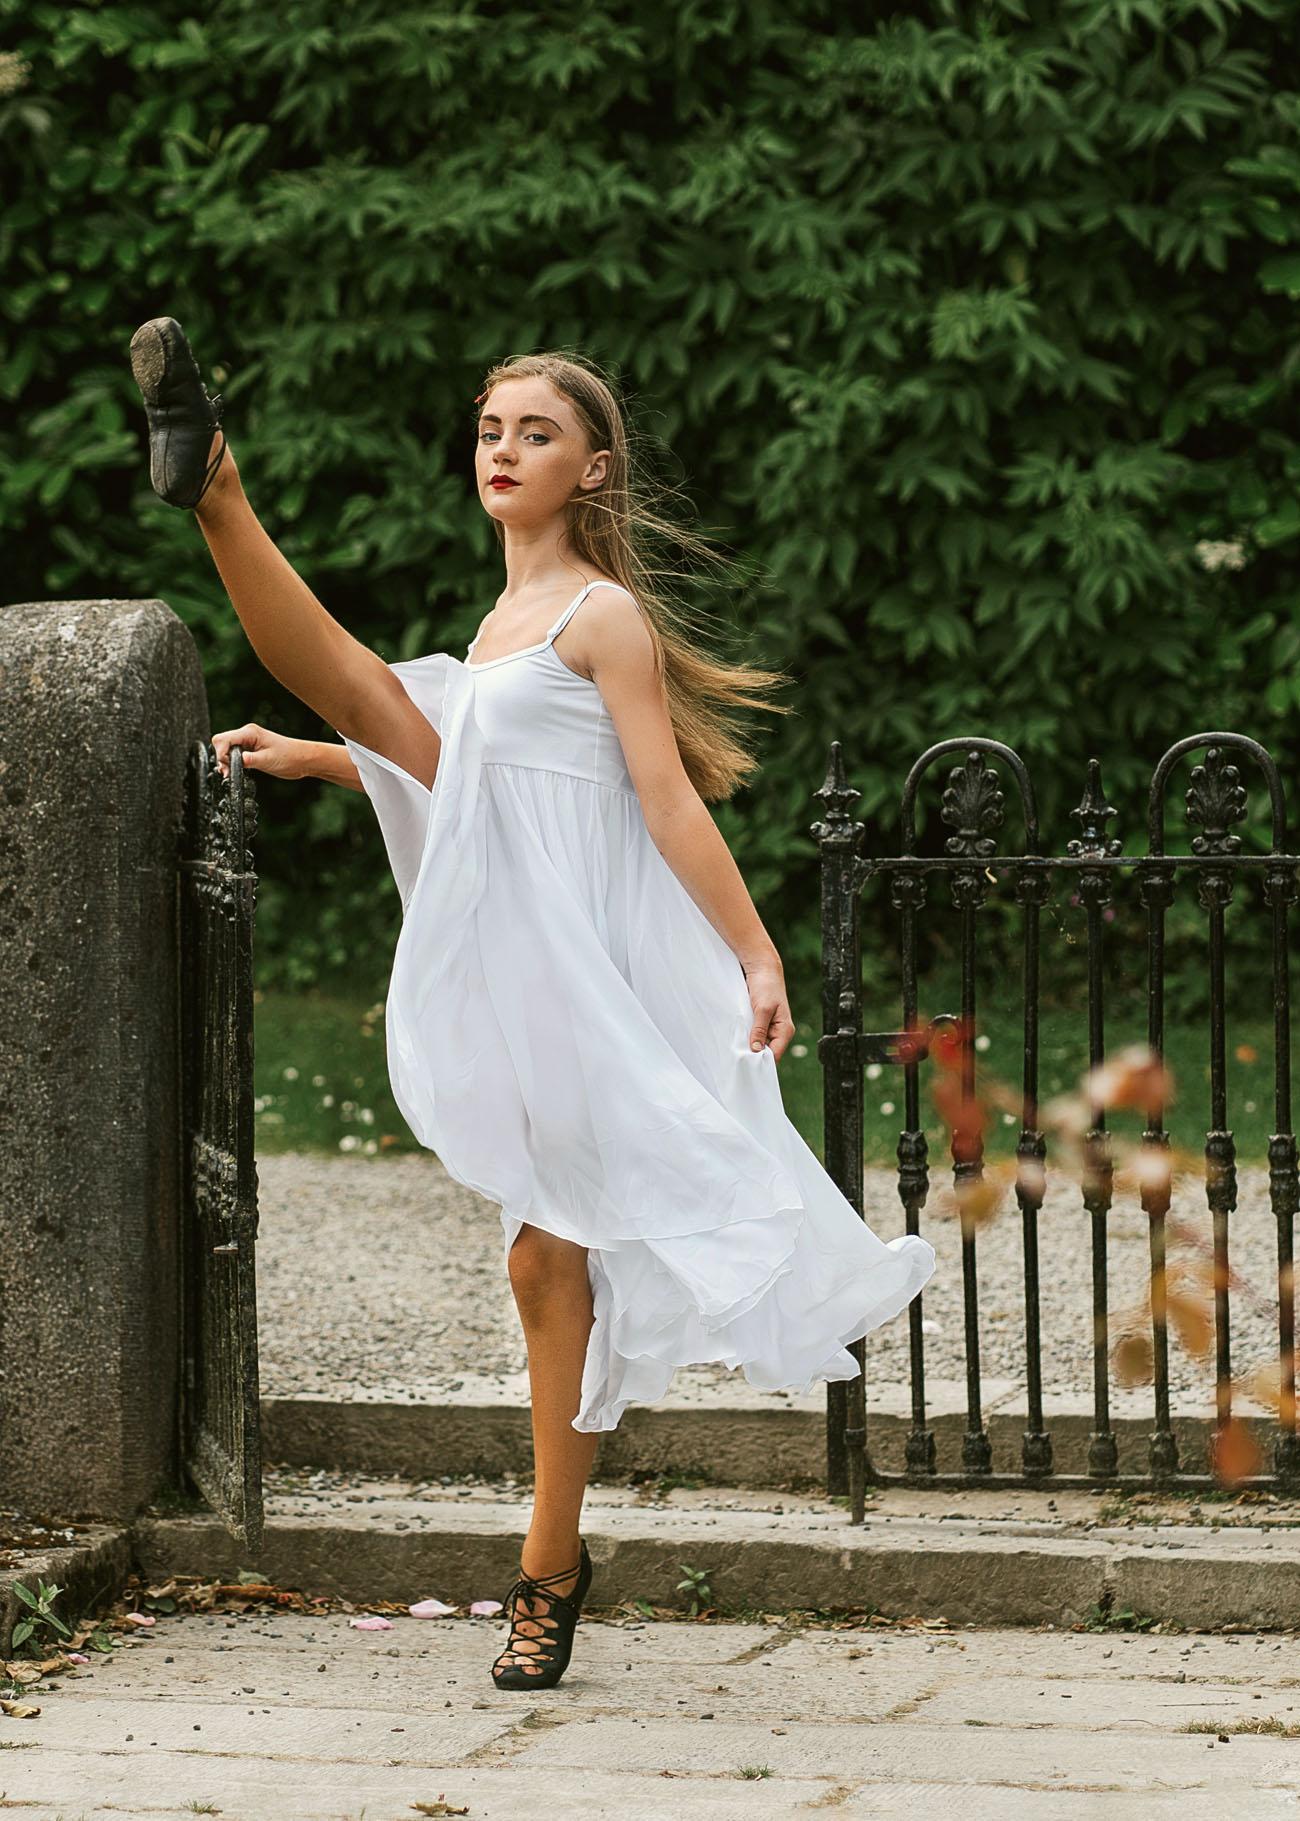 irish-dance-portrait-photographer-dublin-ireland-0011.jpg